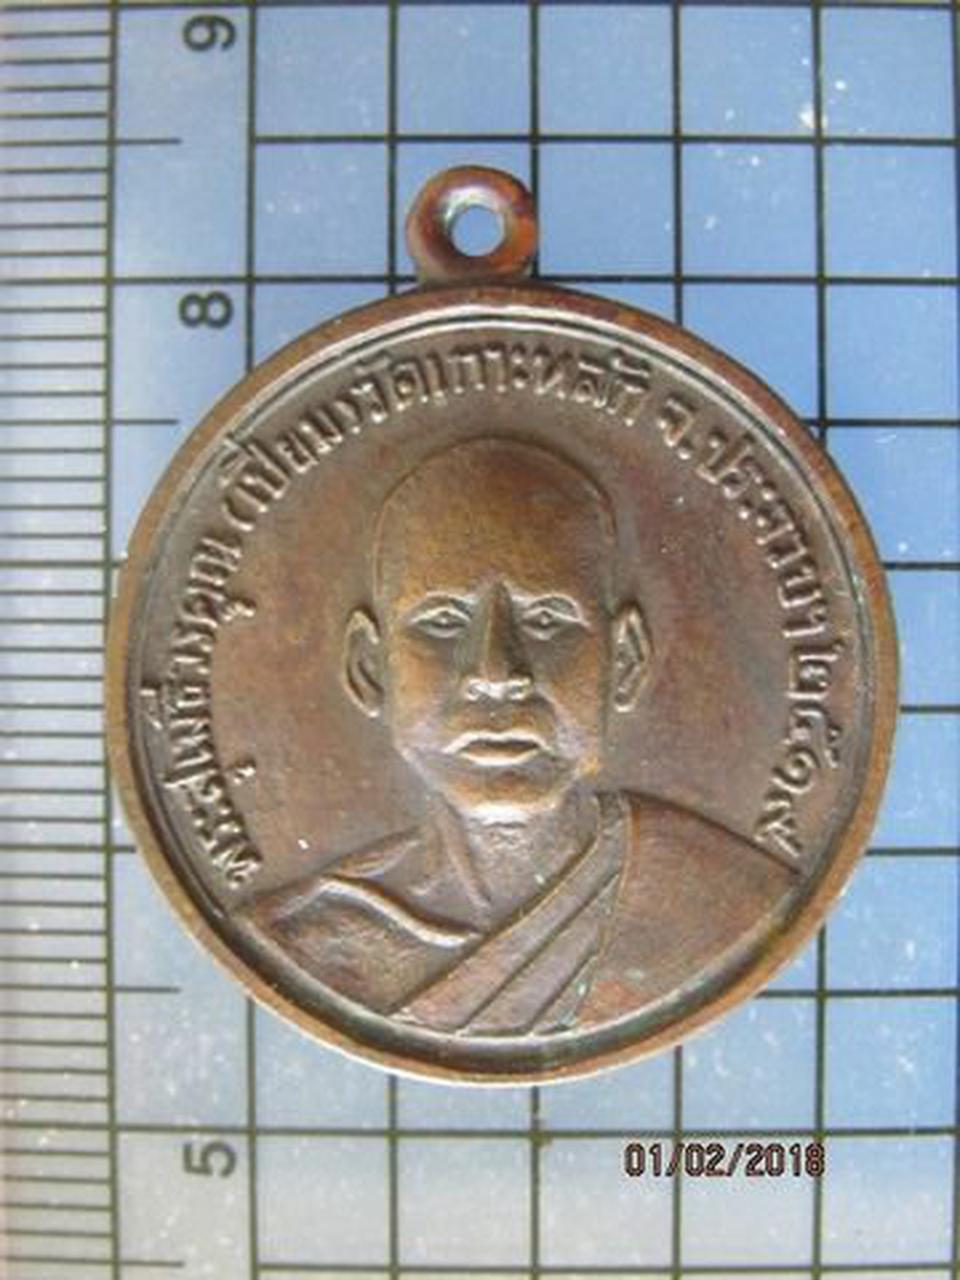 123 เหรียญหลวงพ่อเปี่ยม วัดเกาะหลัก เนื้อทองแดง ปี 2519 เหรี รูปที่ 2